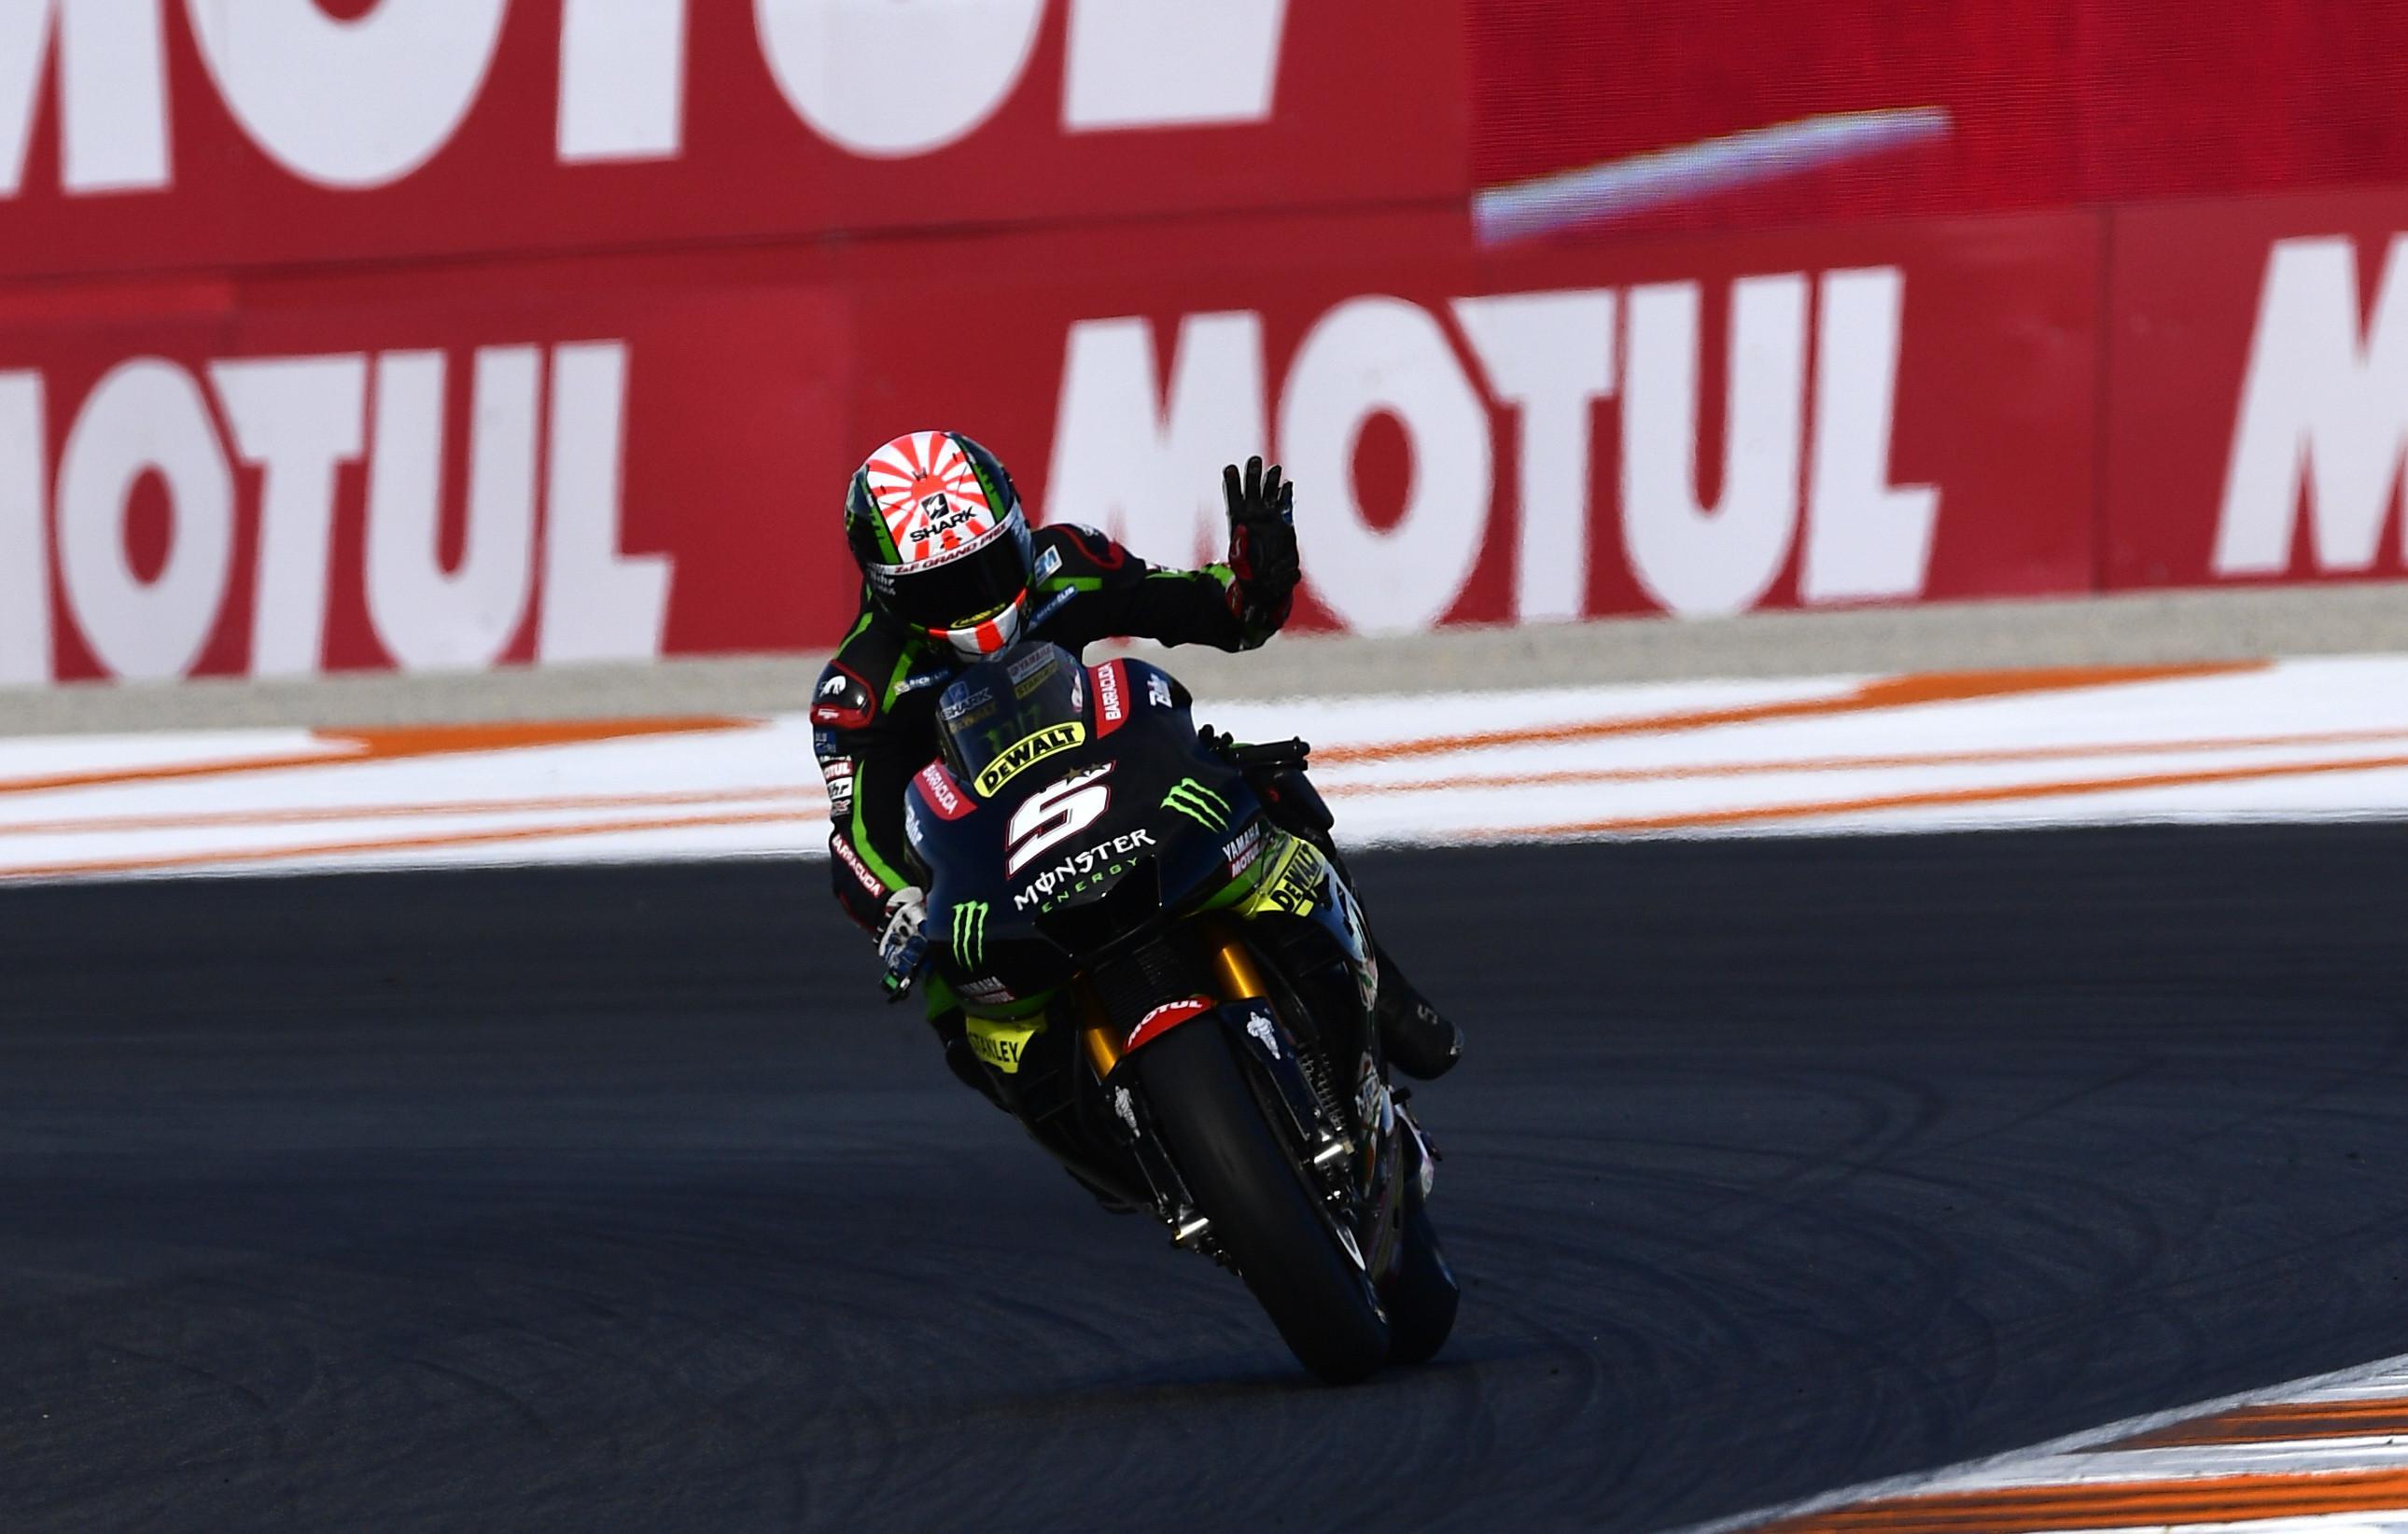 Tampil apik sepanjang musim, Johann Zarco dinobatkan sebagai Rookie of the Year MotoGP 2017. (PIERRE-PHILIPPE MARCOU / AFP)